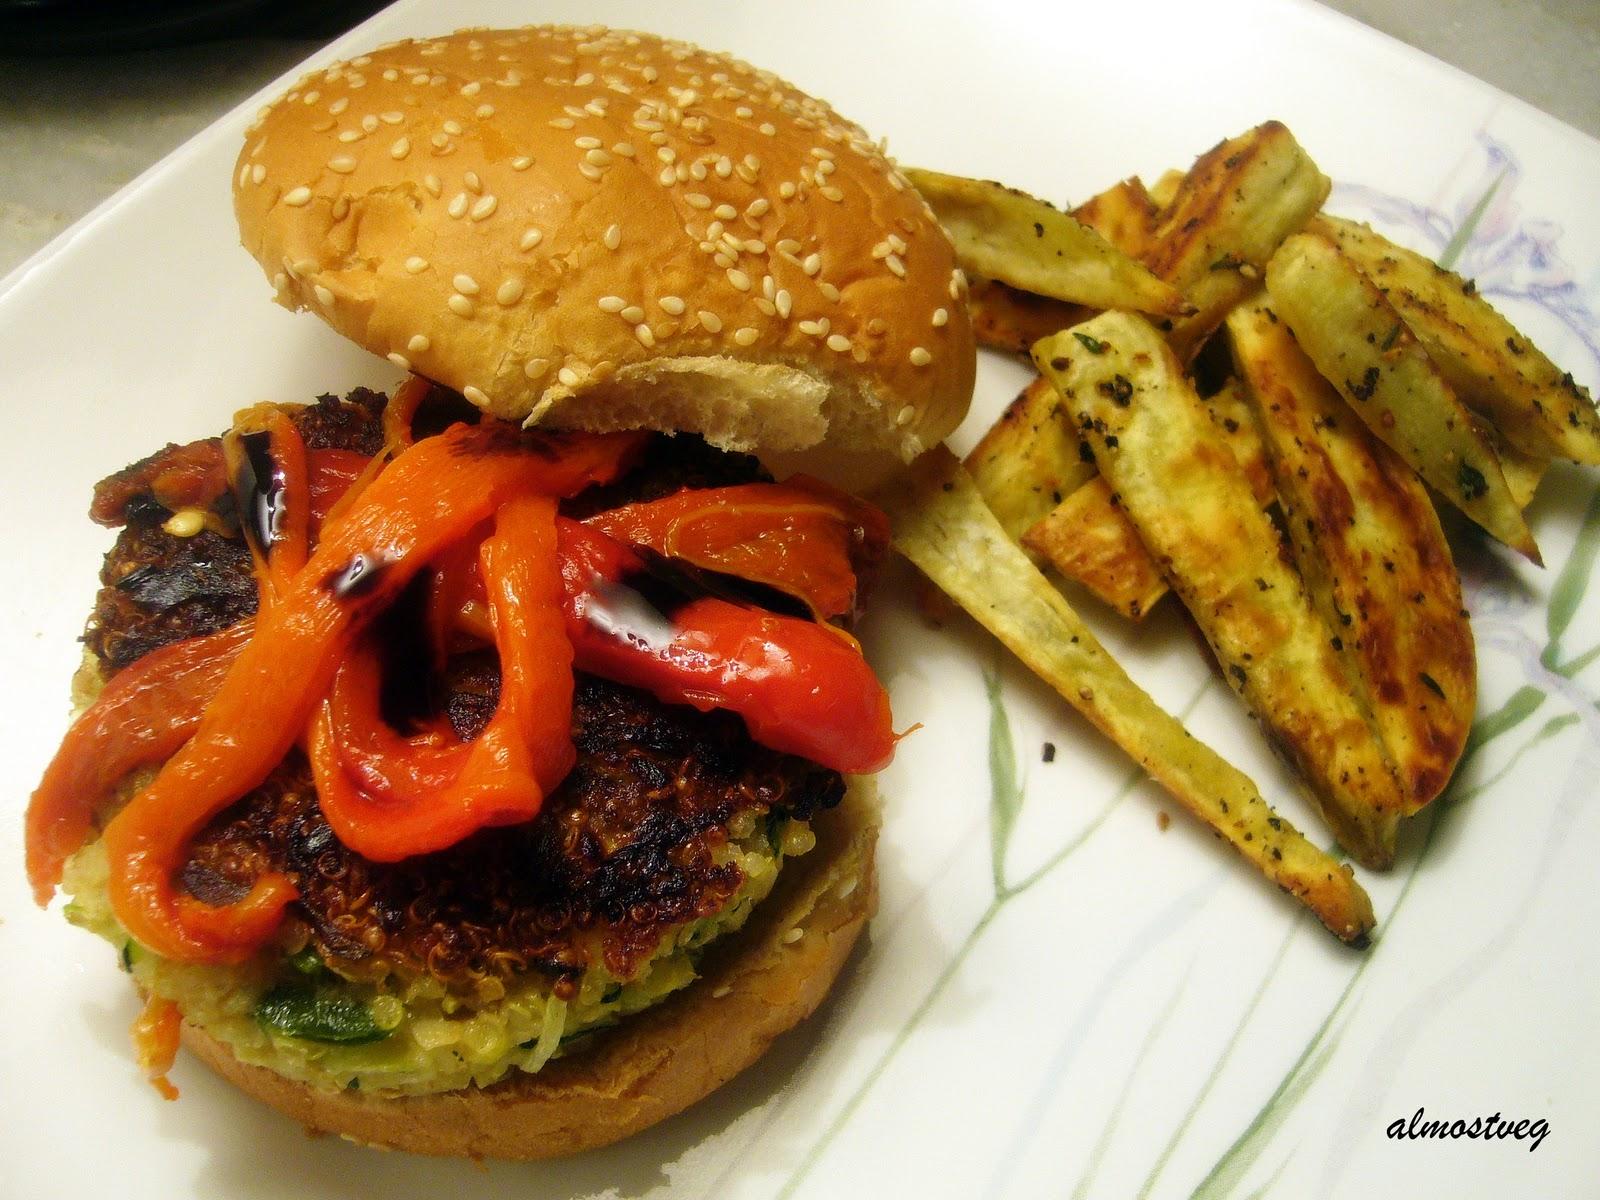 quinoa+feta+burger.jpg